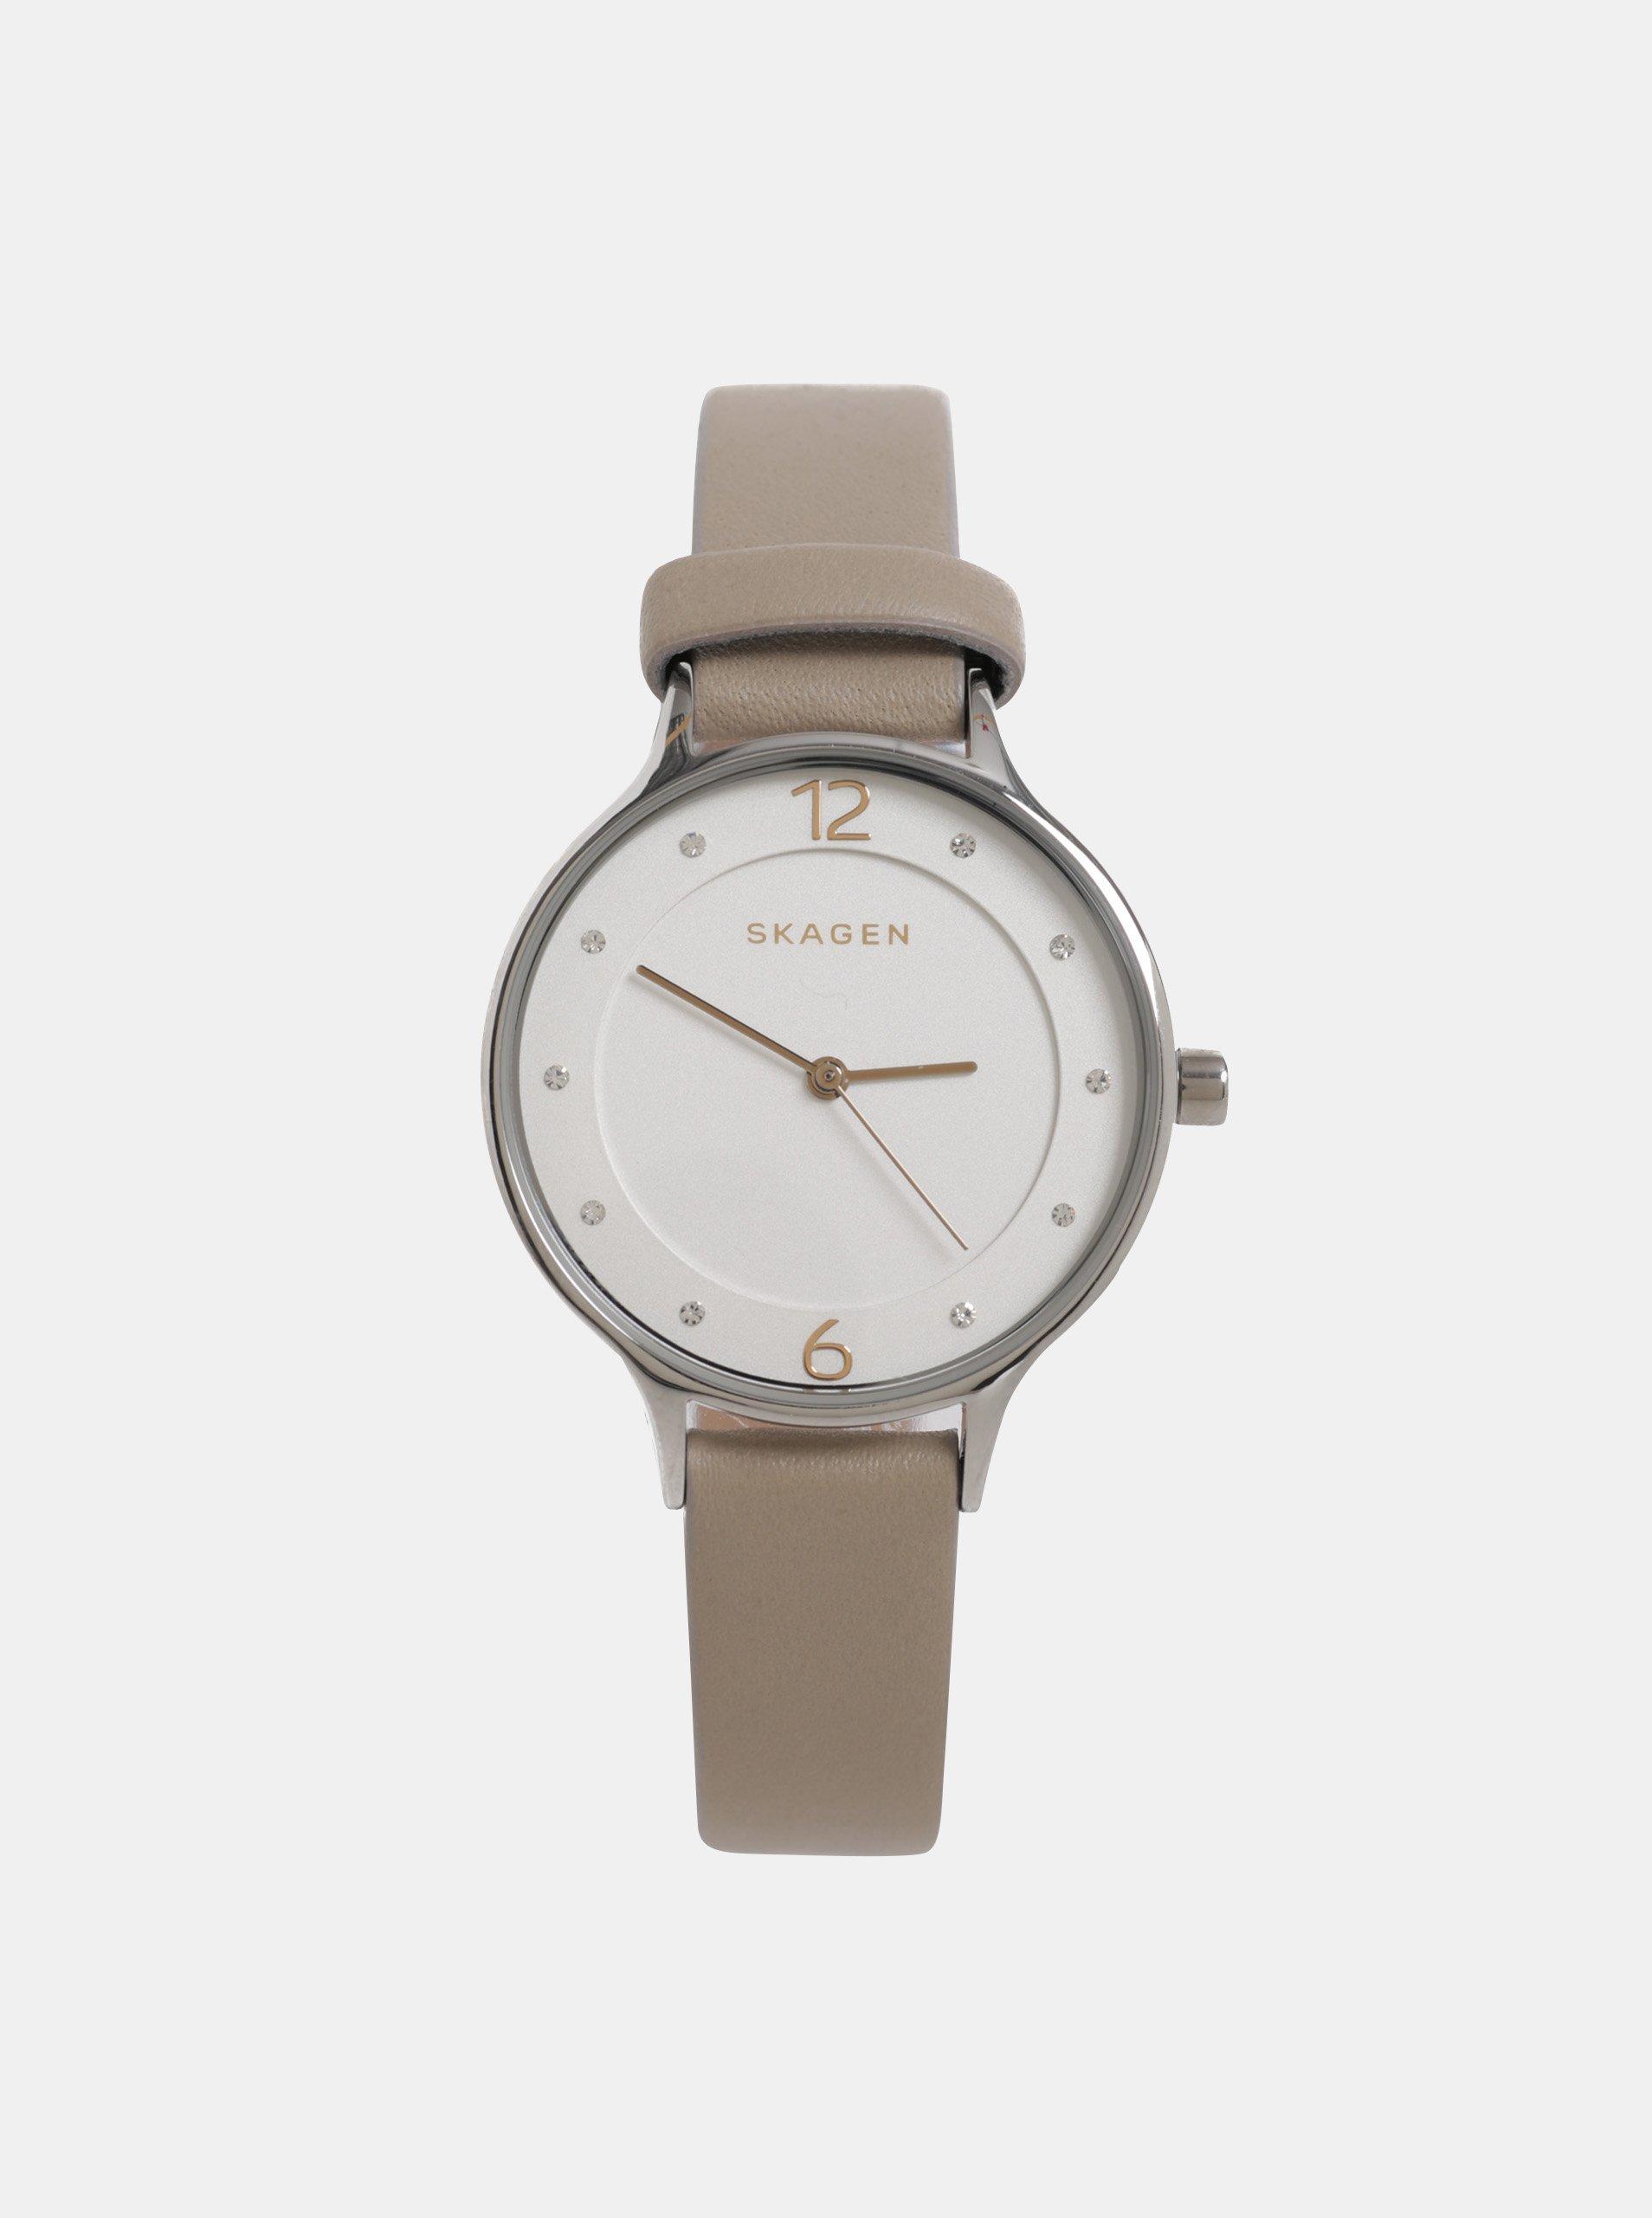 91da49a3f4 Béžové dámske hodinky s koženým remienkom Skagen